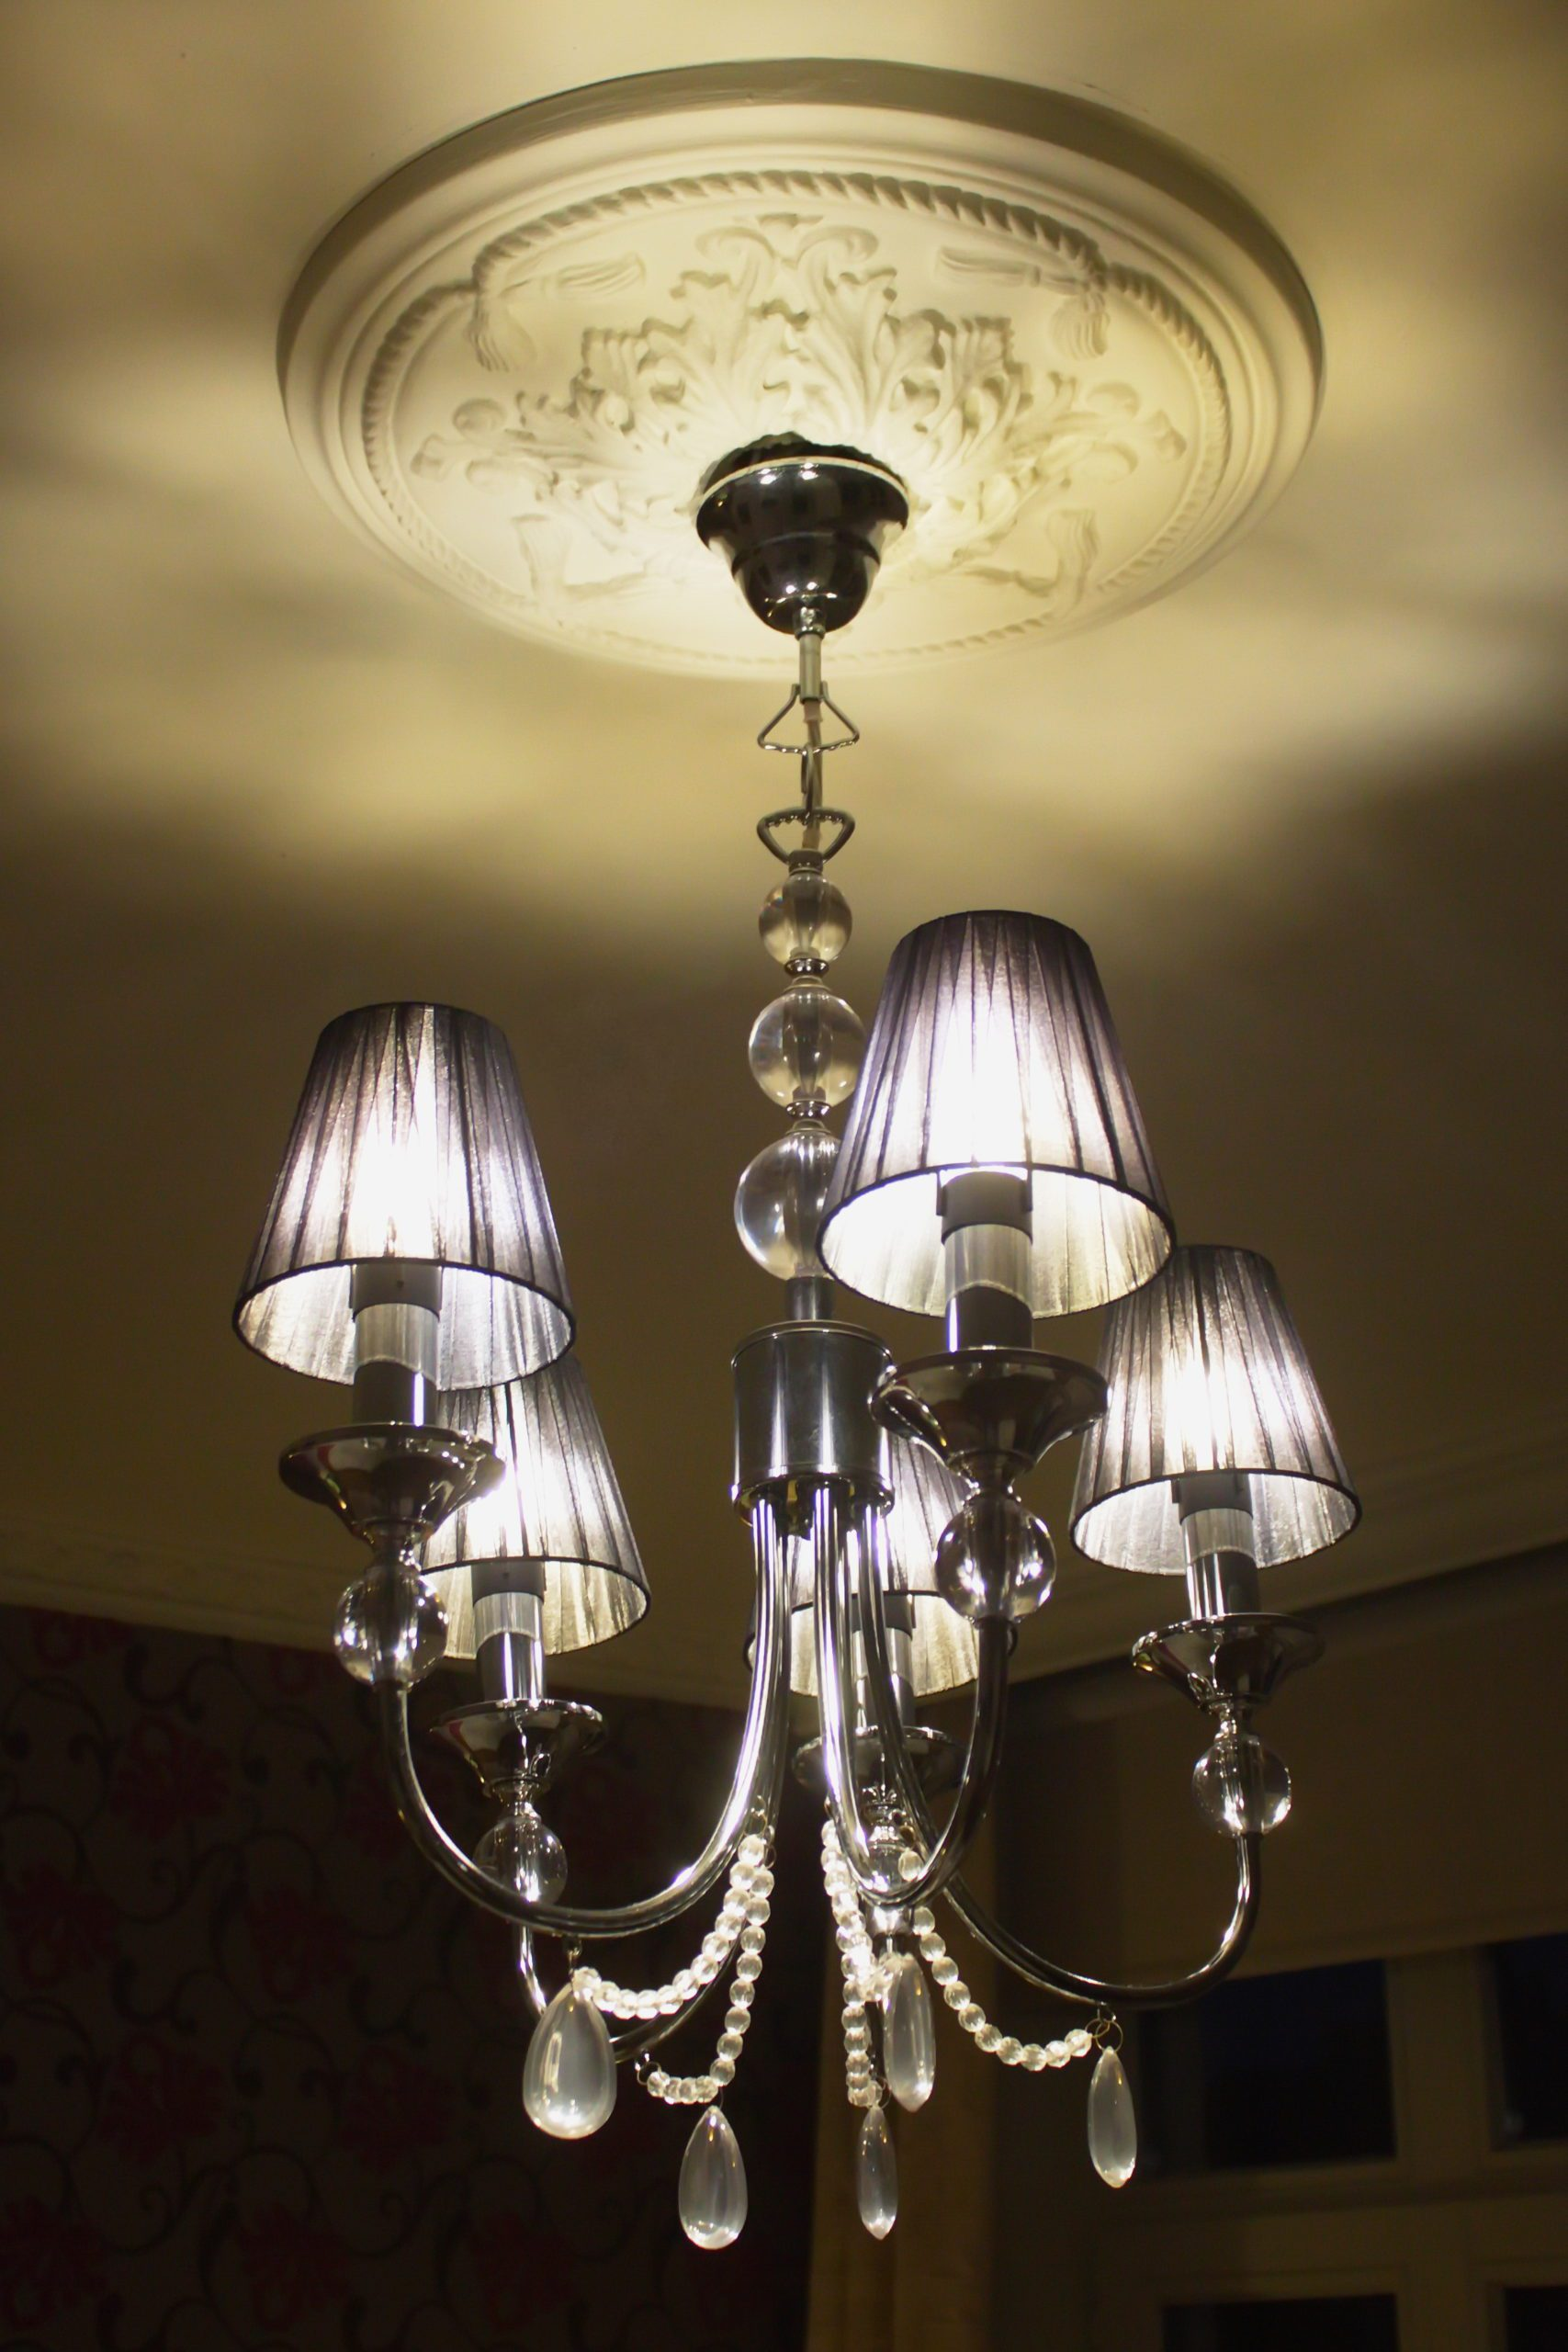 gastenkamer Côté Coupure detail decoratie verlichting